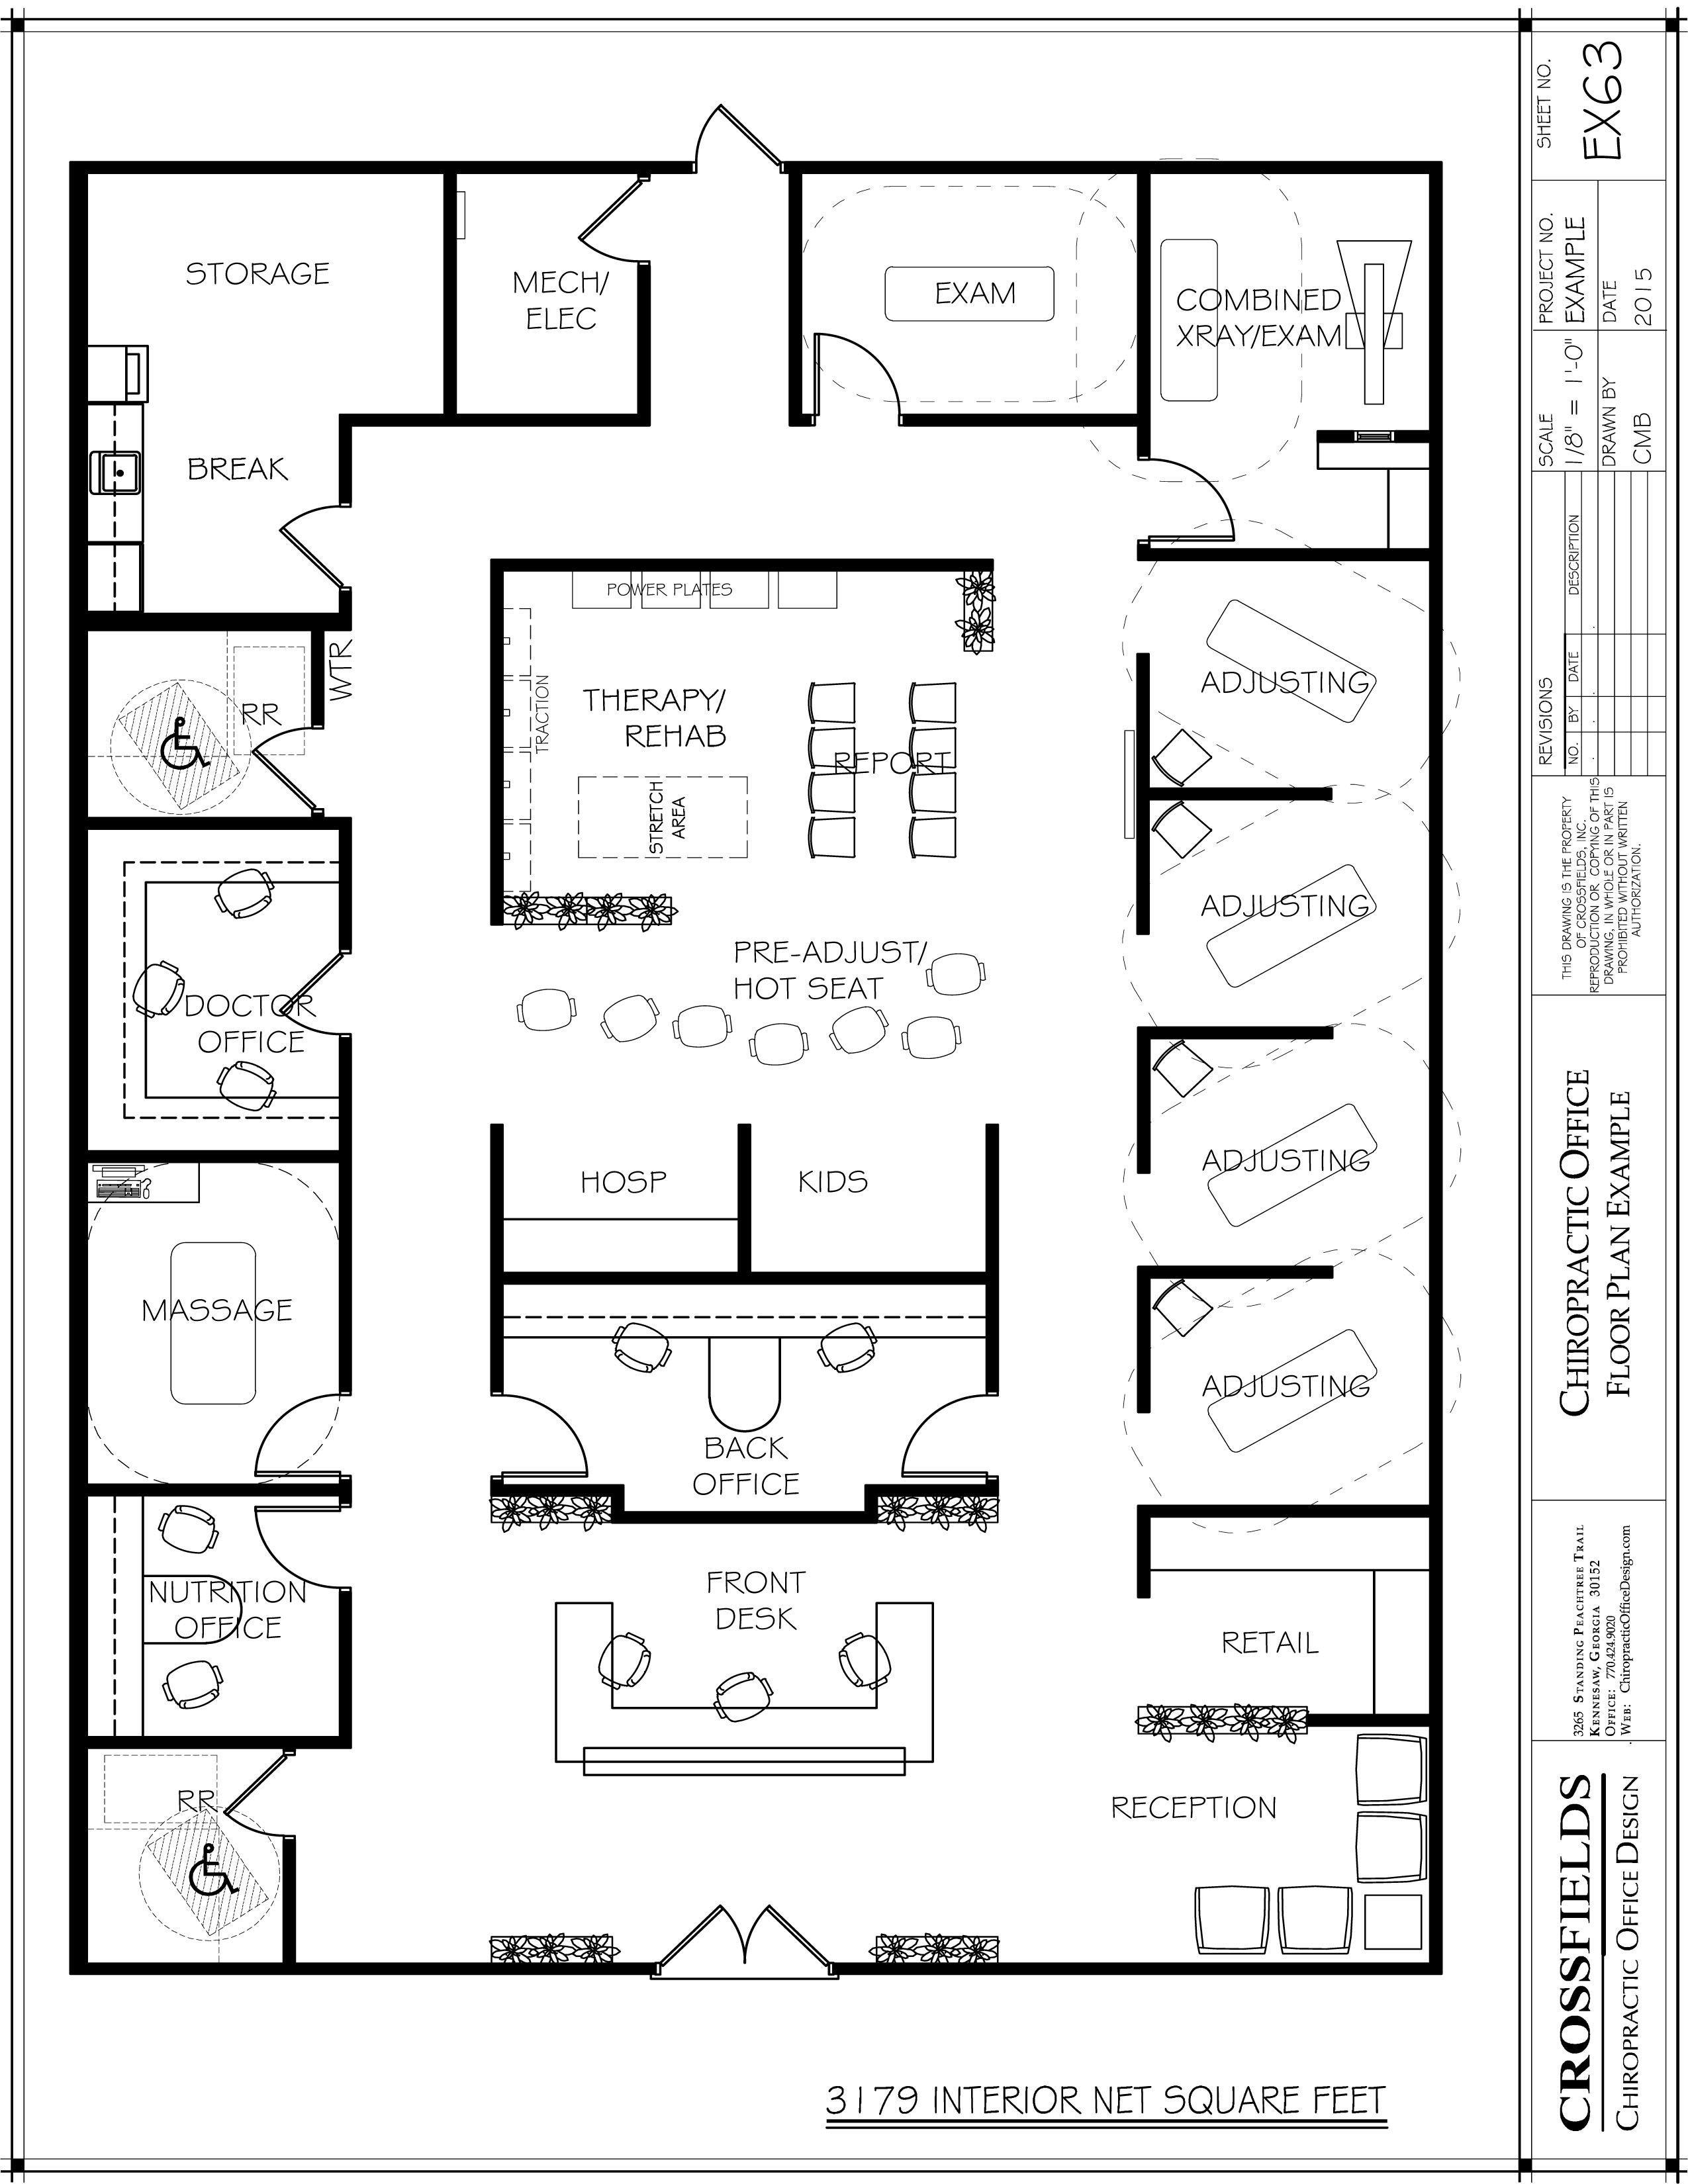 Chiropractic Office Design Layout Floor Plans Versatile